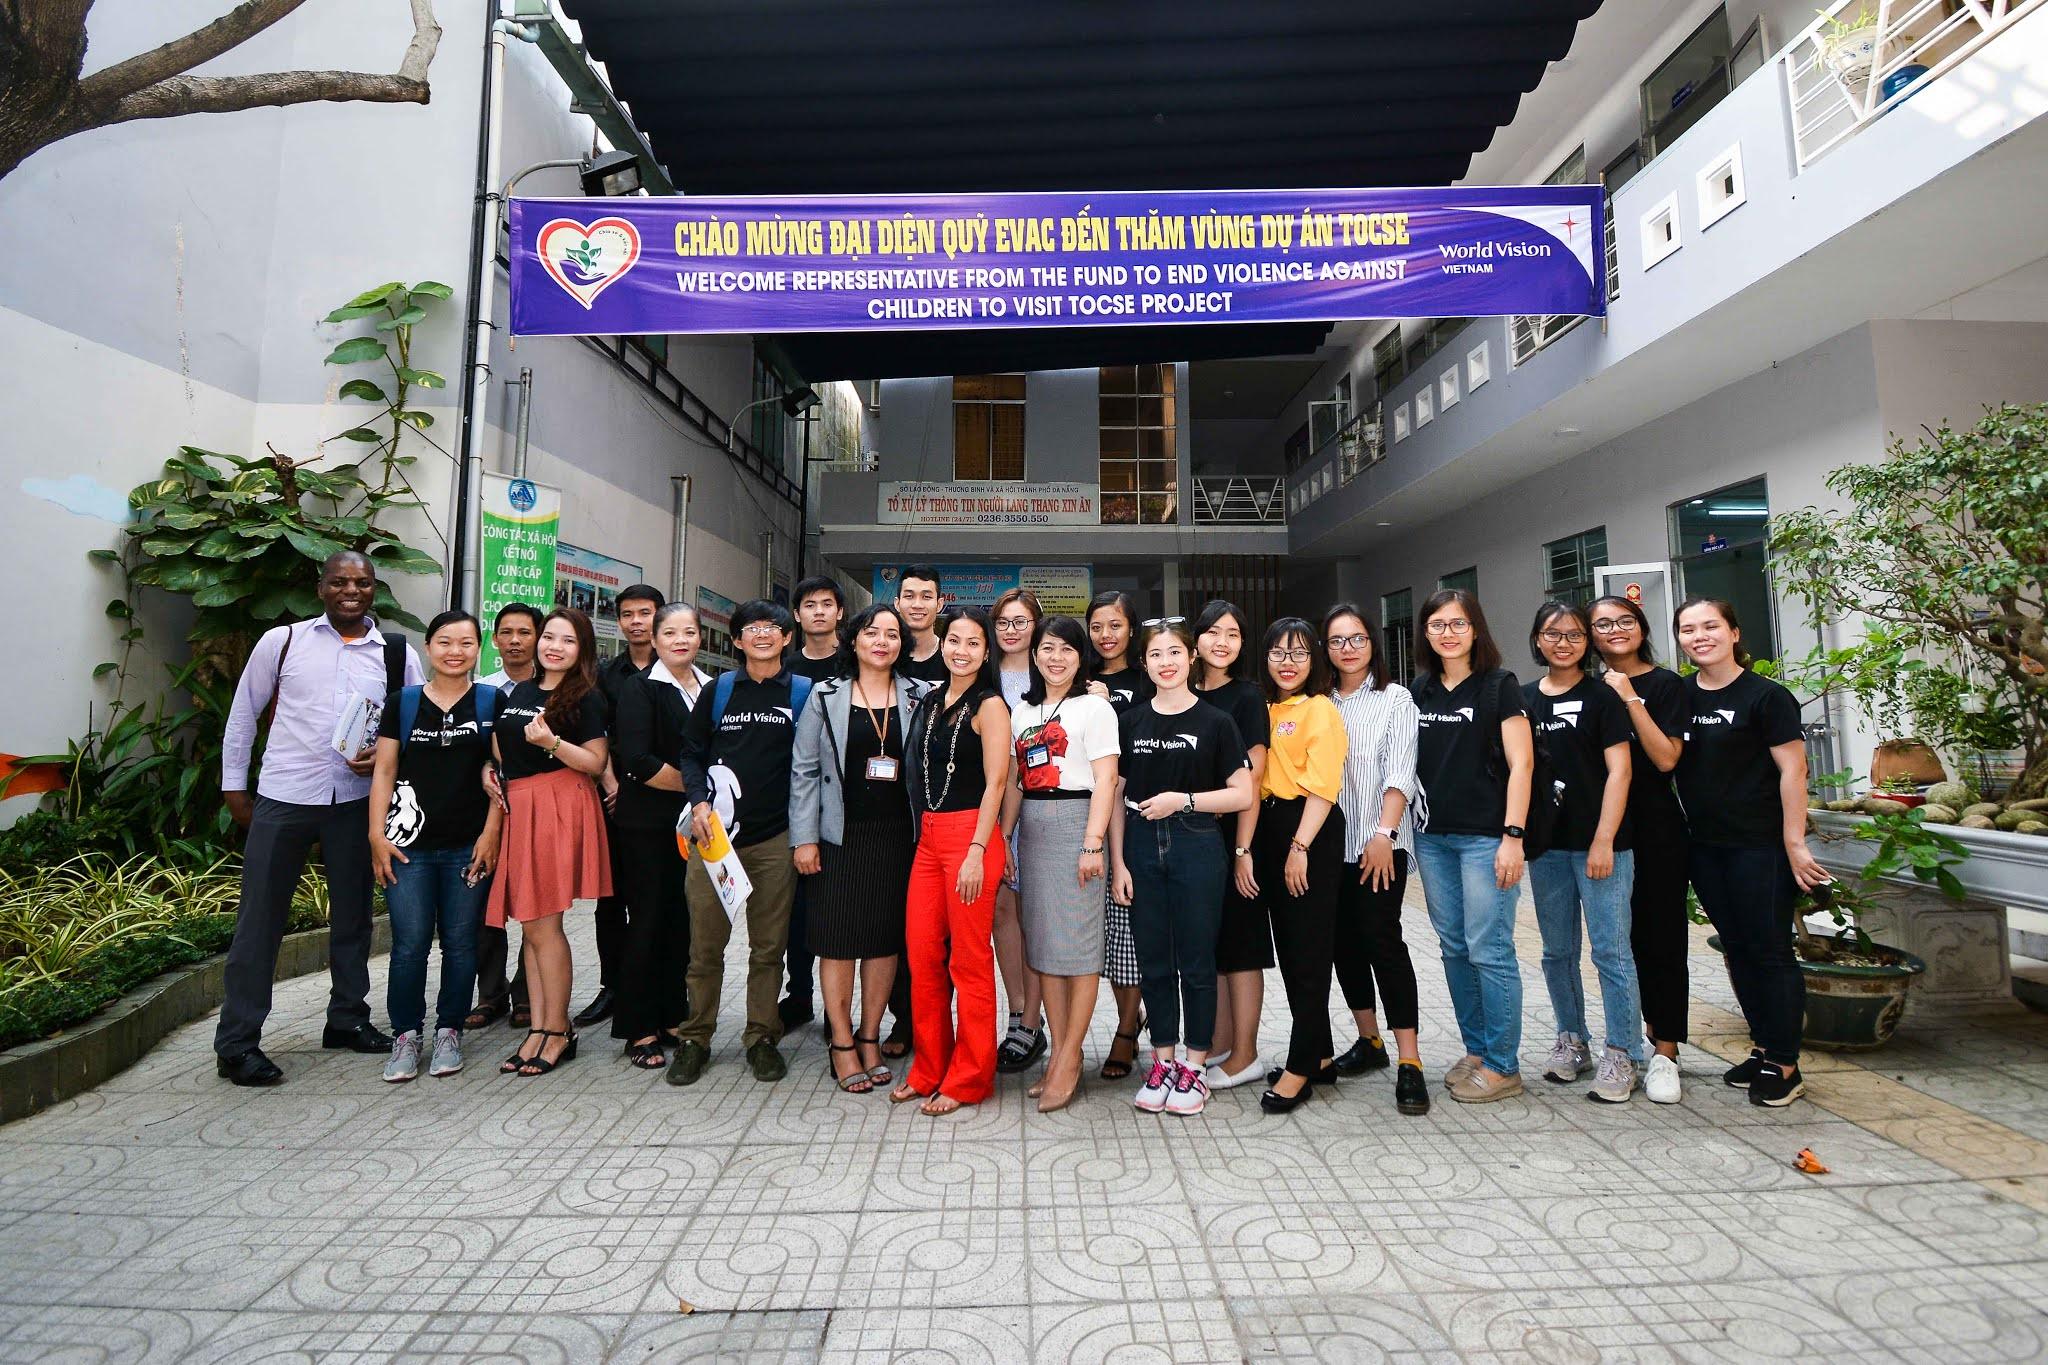 Khoi Studio: Chụp ảnh sự kiện chuyên nghiệp với báo giá hợp lý tại Đà Nẵng, Quảng Nam